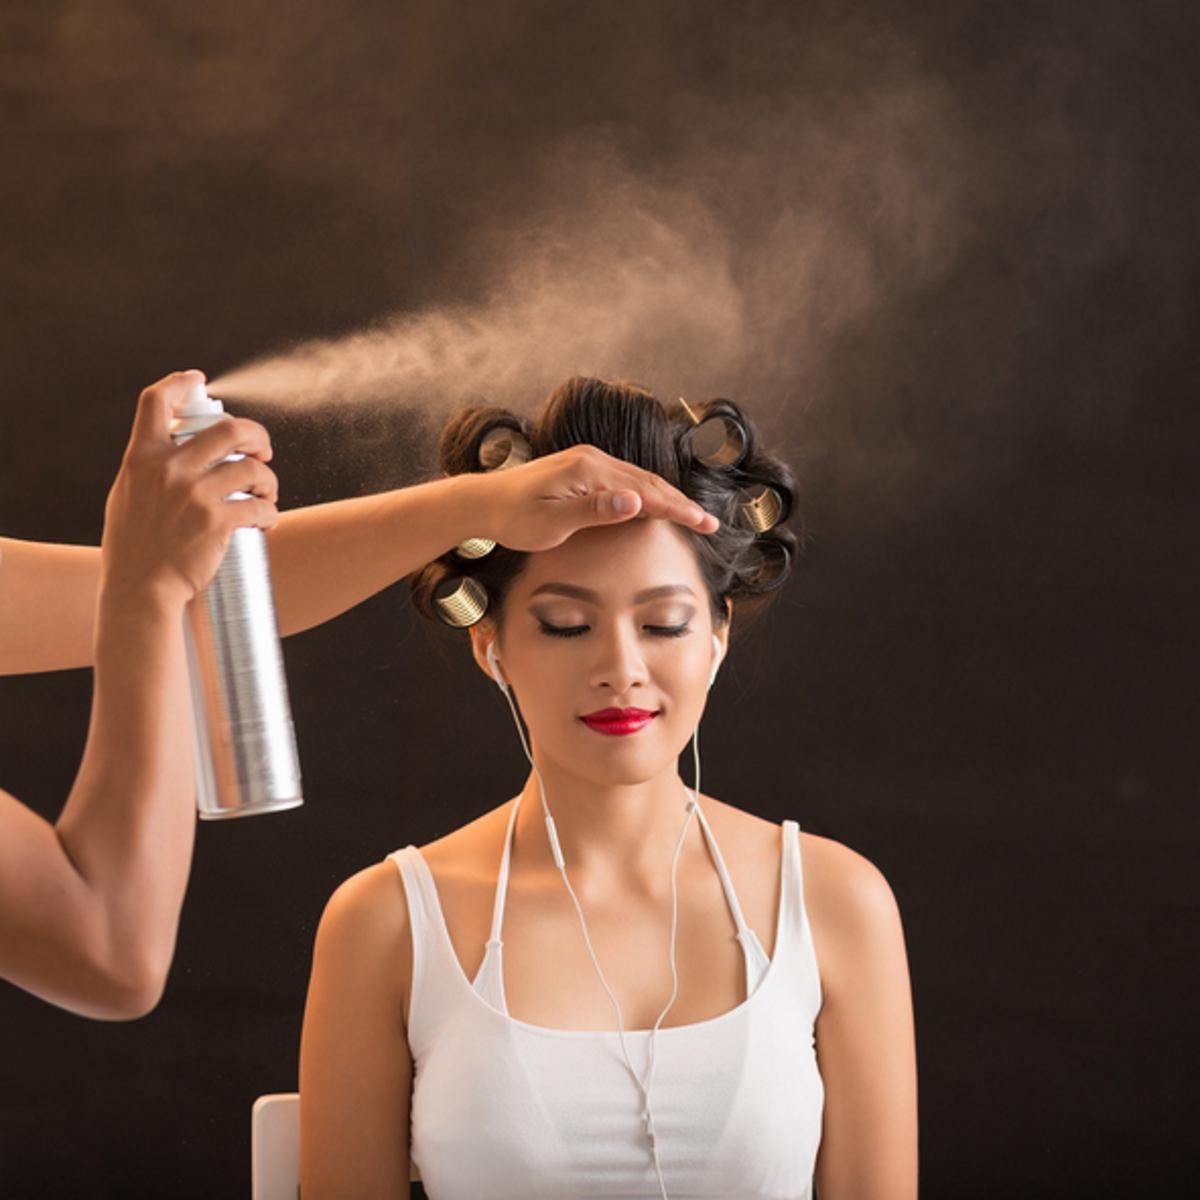 Пропилен гликол. Съдържа се в лаковете за коса, някои маски за коса. Може да причини дерматит, затова следете за неговото съдържание на етикетите.